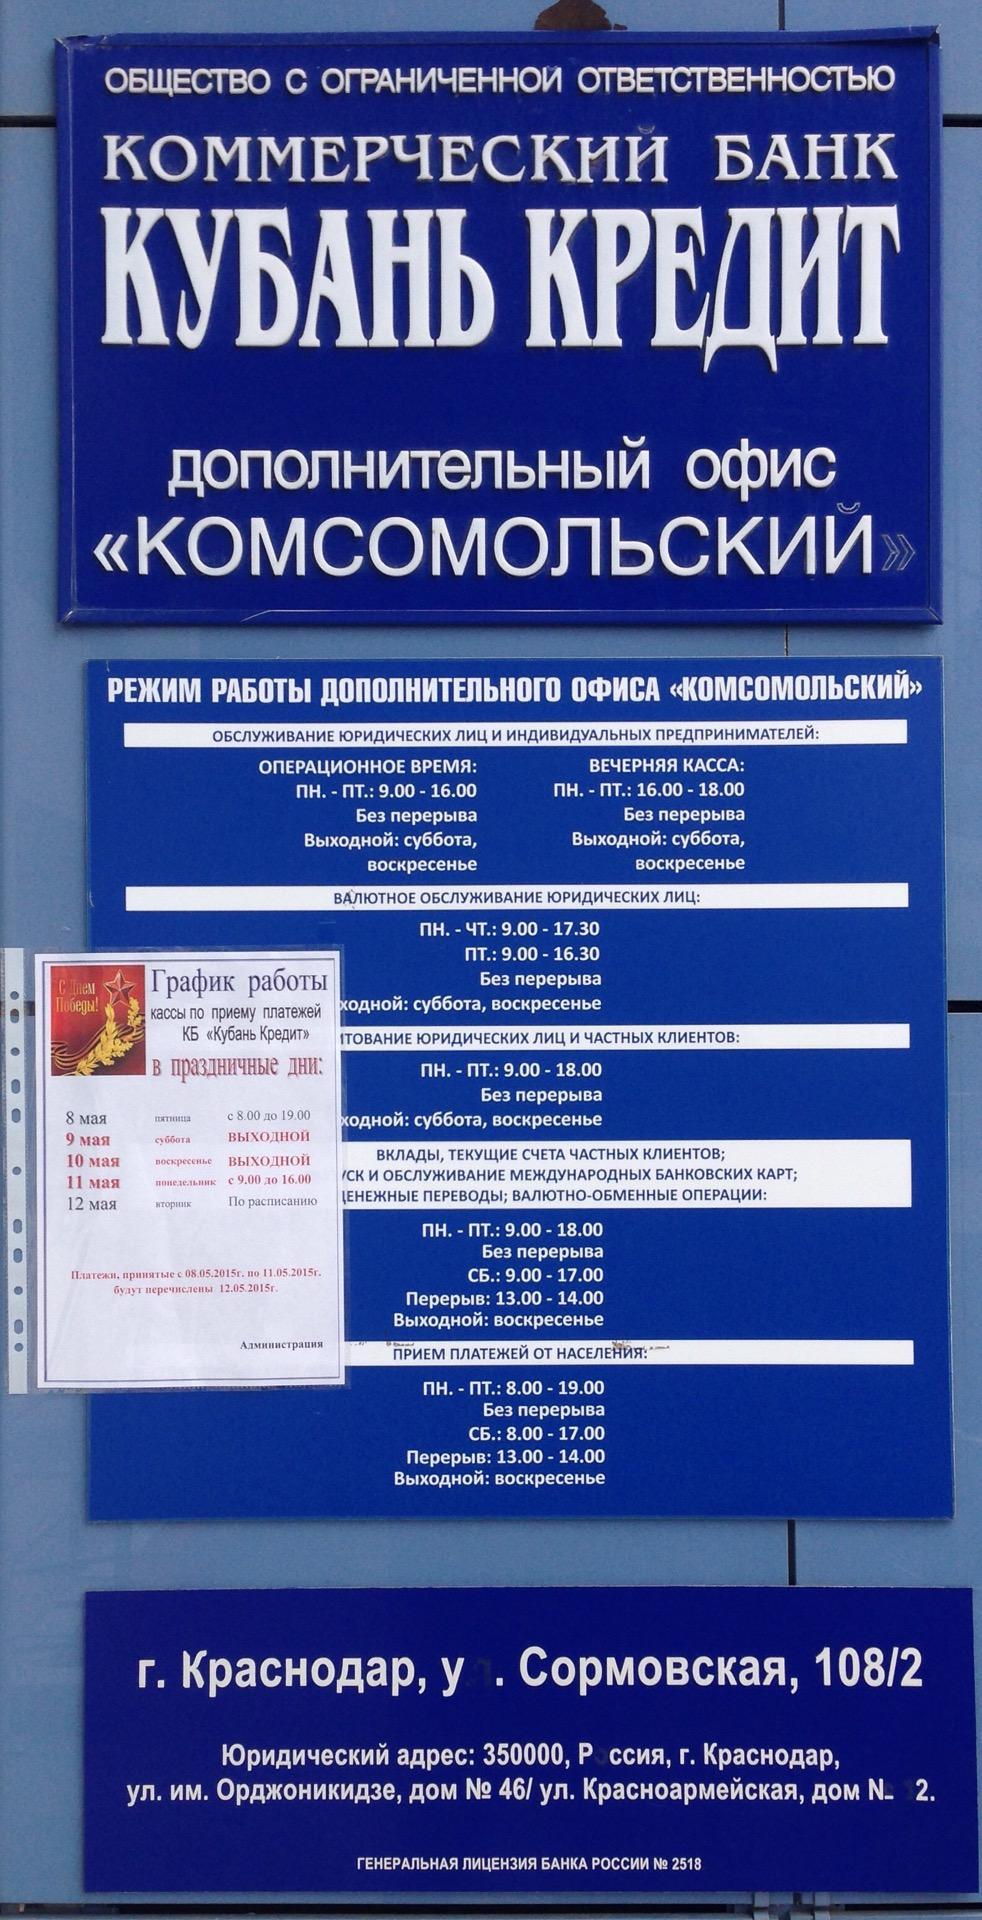 кубань кредит банк краснодар графикоформить займ на долгий срок